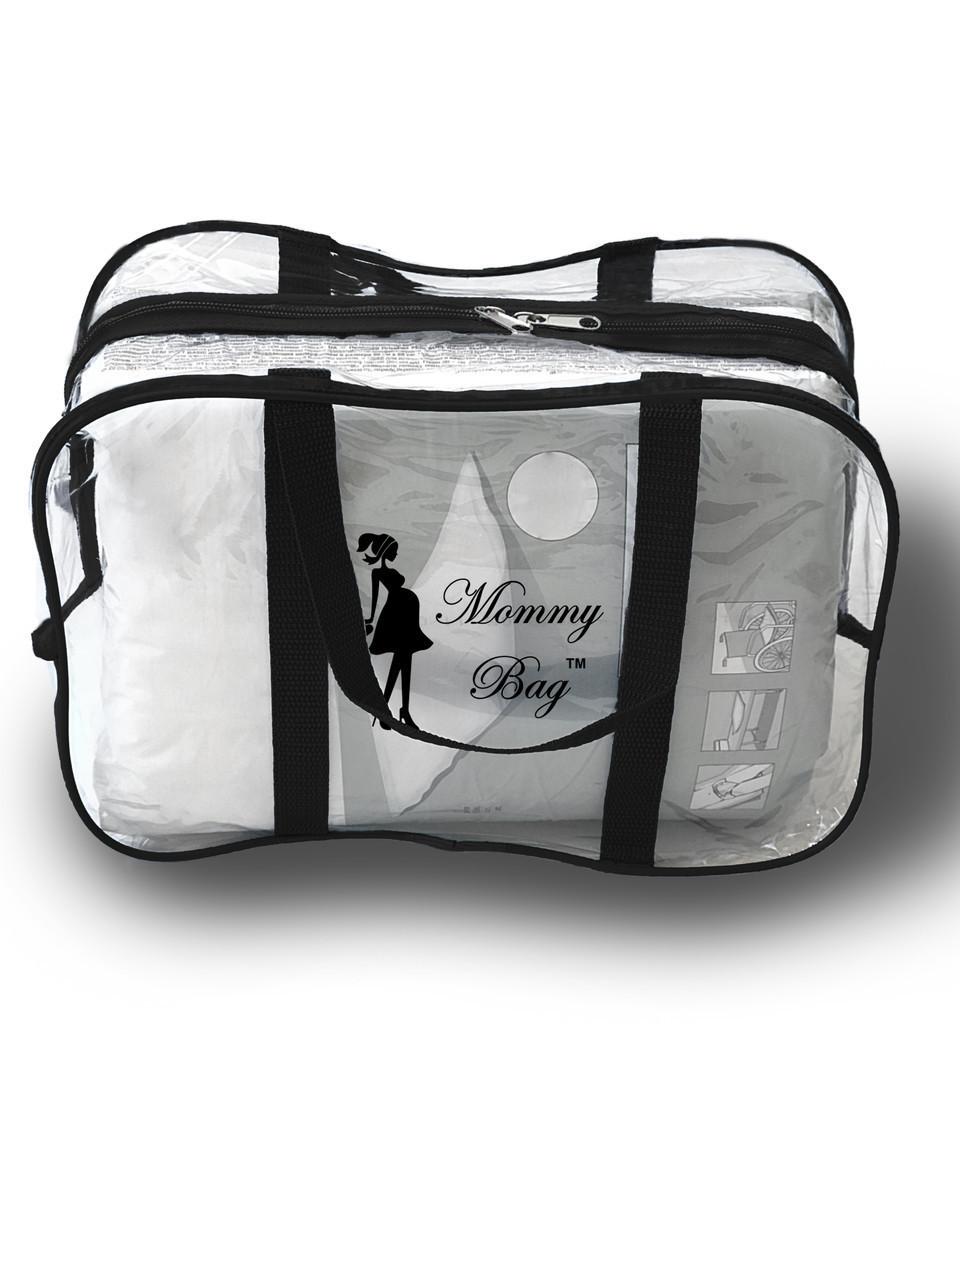 Сумка прозрачная в роддом Mommy Bag - S - 31*21*14 см Черная